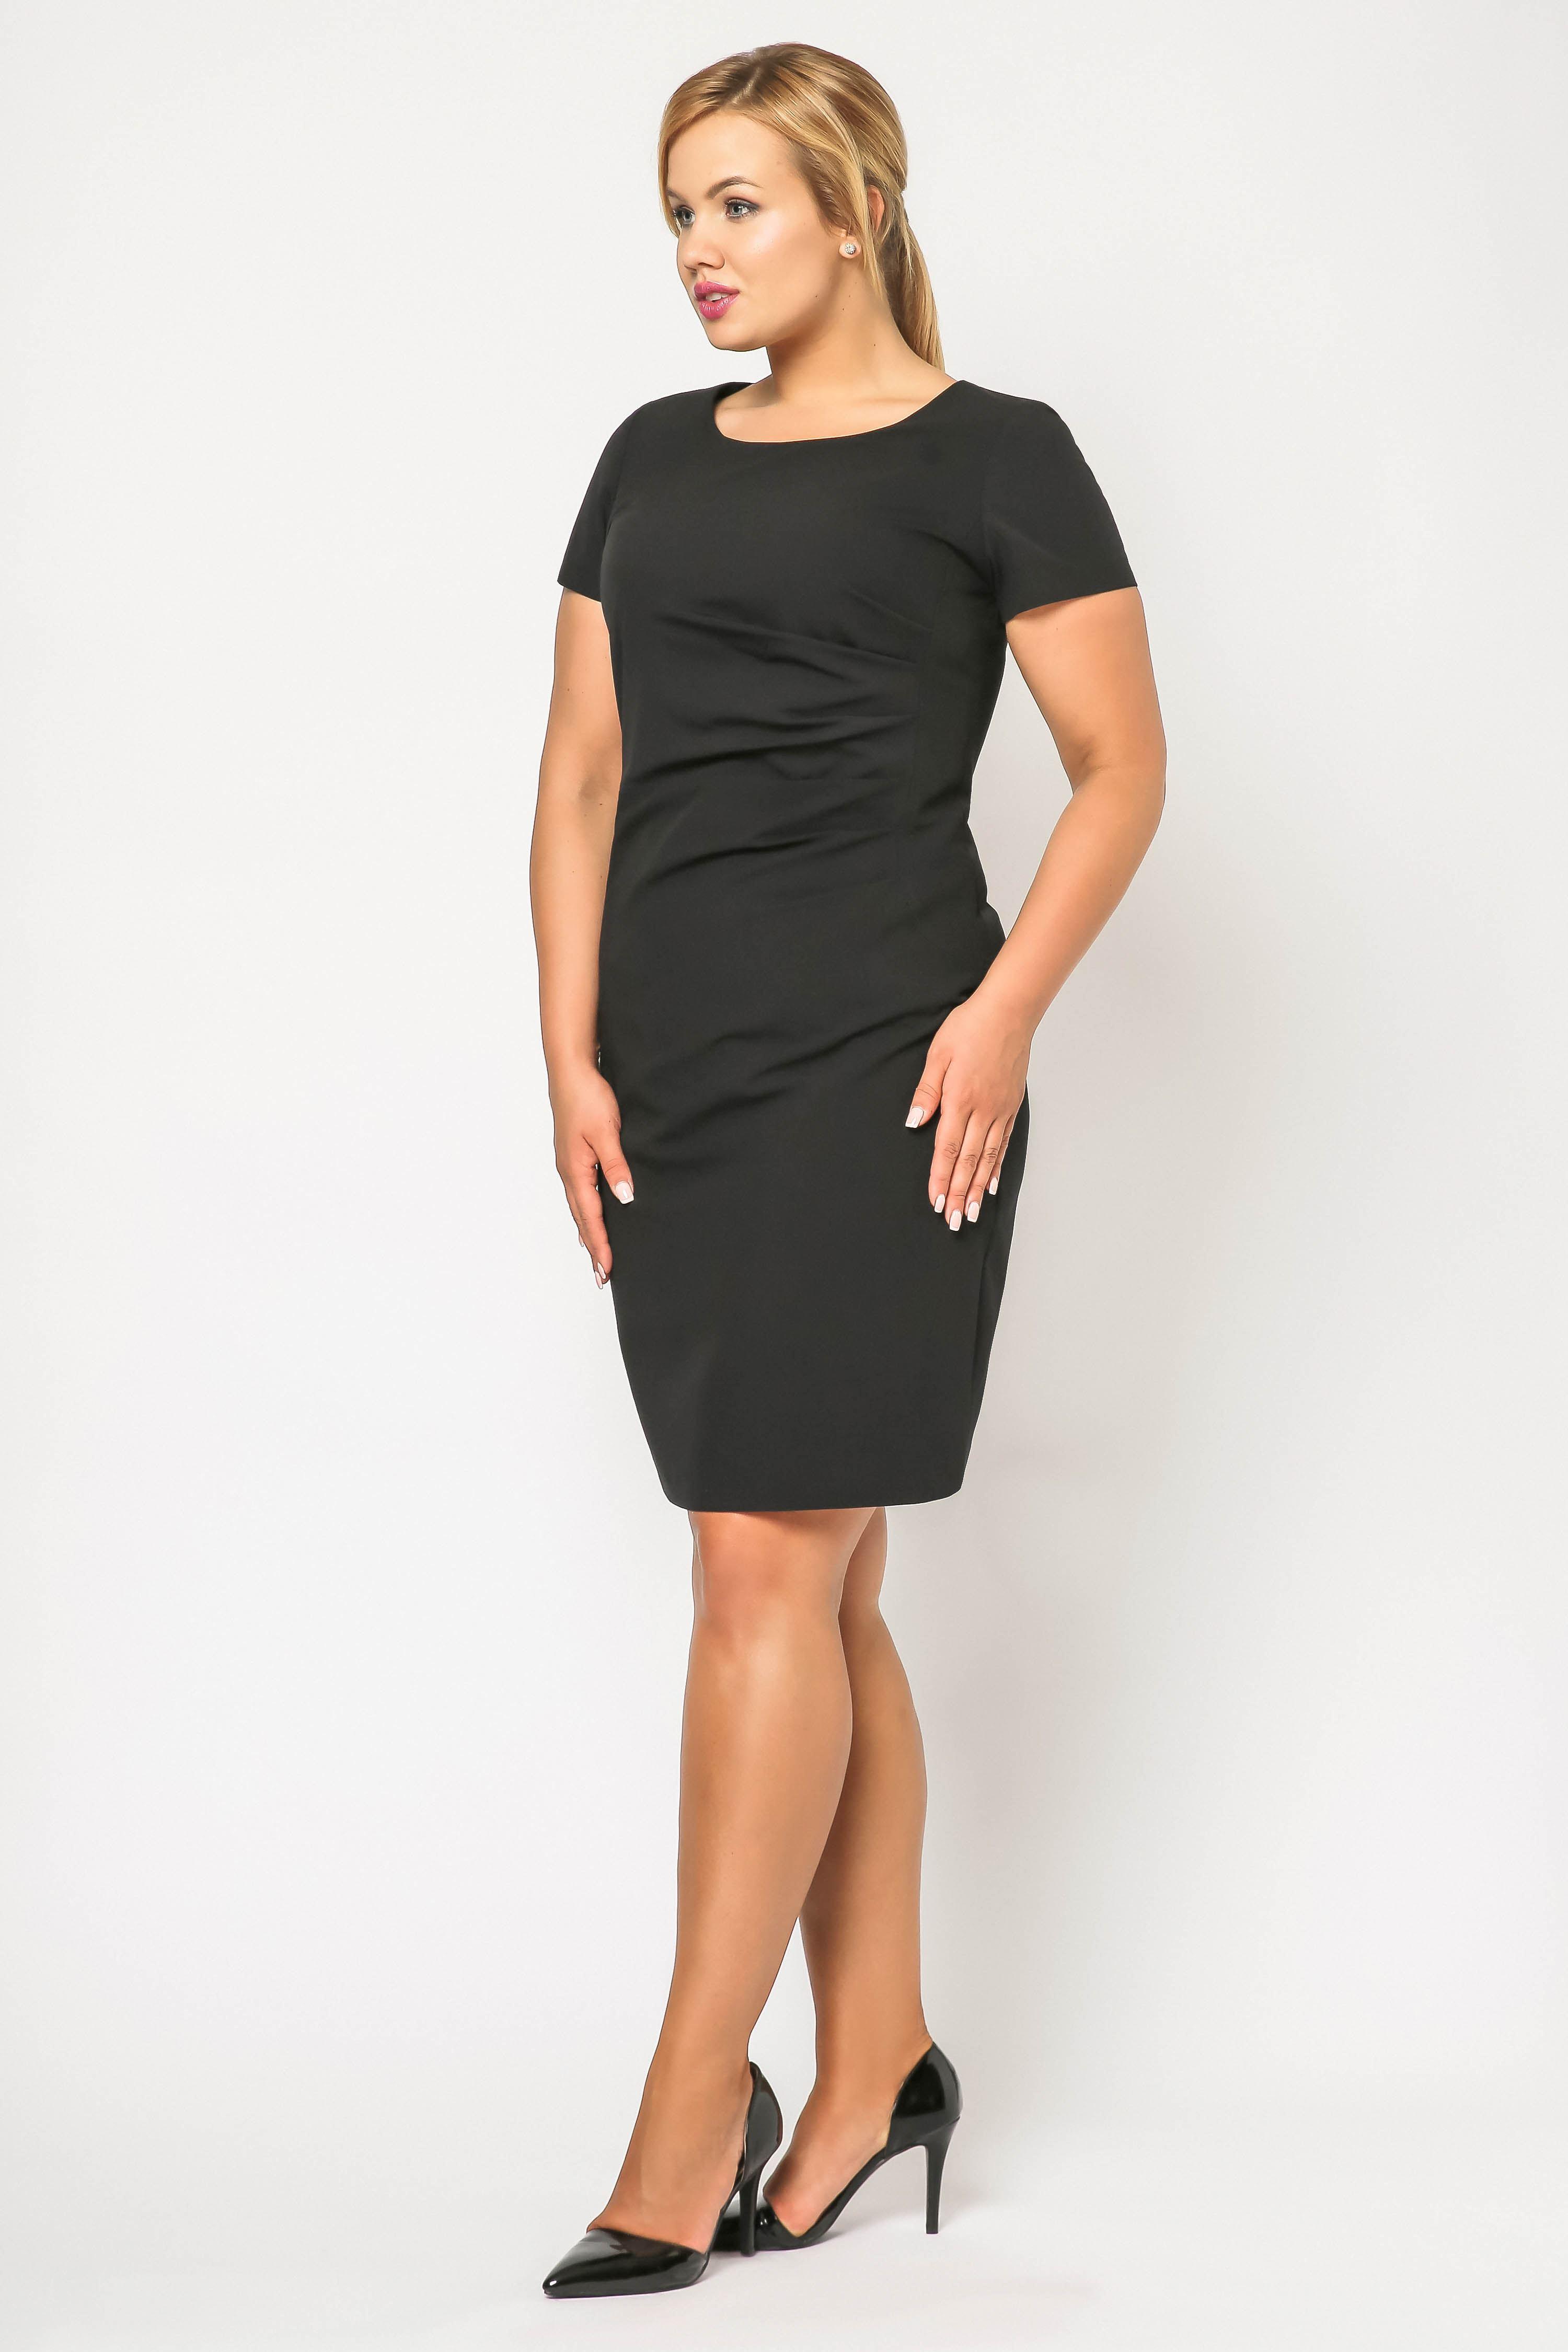 Sukienka Rachela w kolorze czarnym